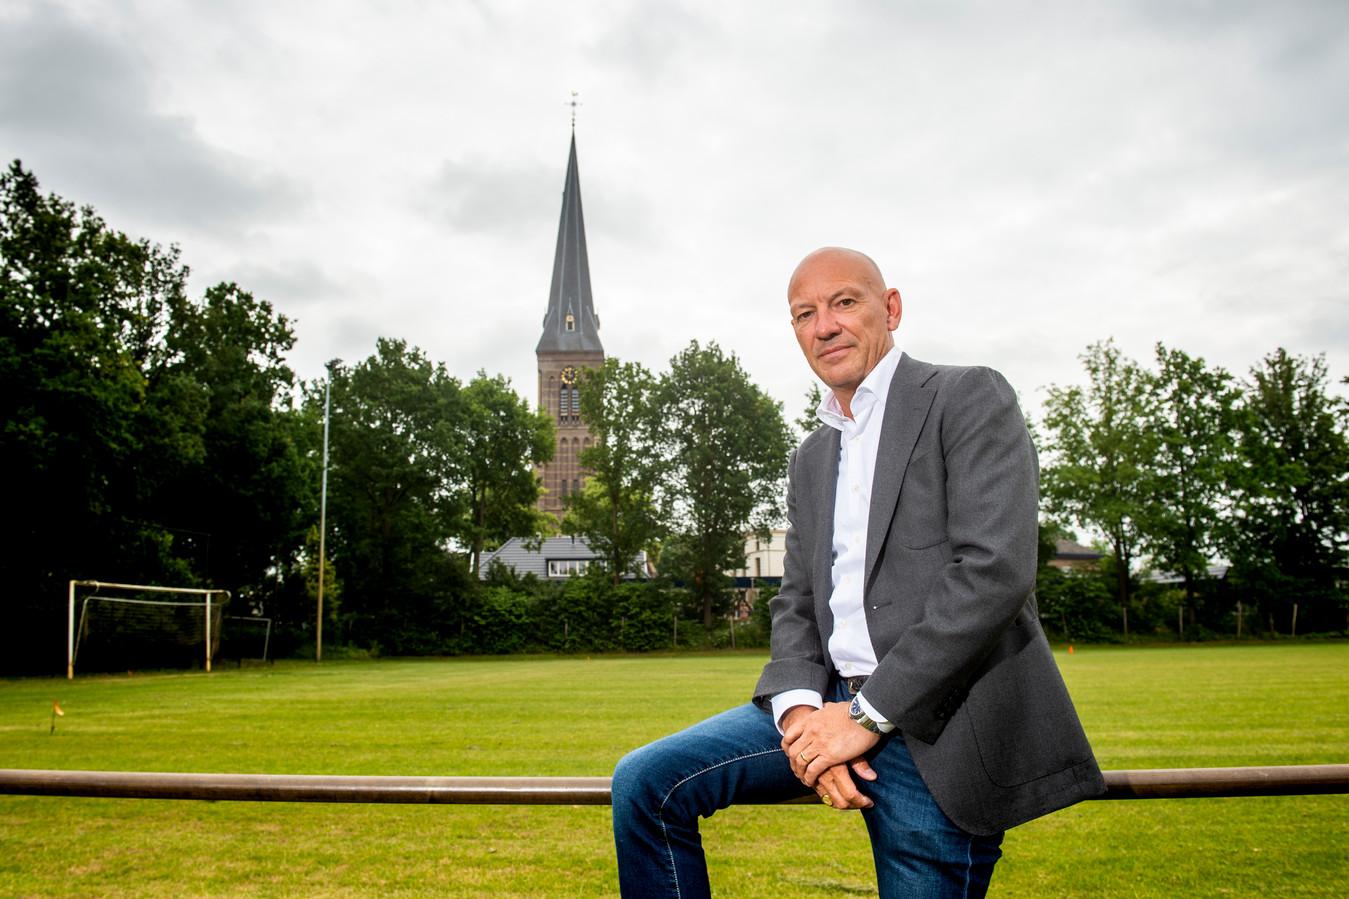 Dit voetbalveld wil Kick Scholten, voorzitter van Voorwaarts Twello, graag opgeven voor een nieuwe sporthal.